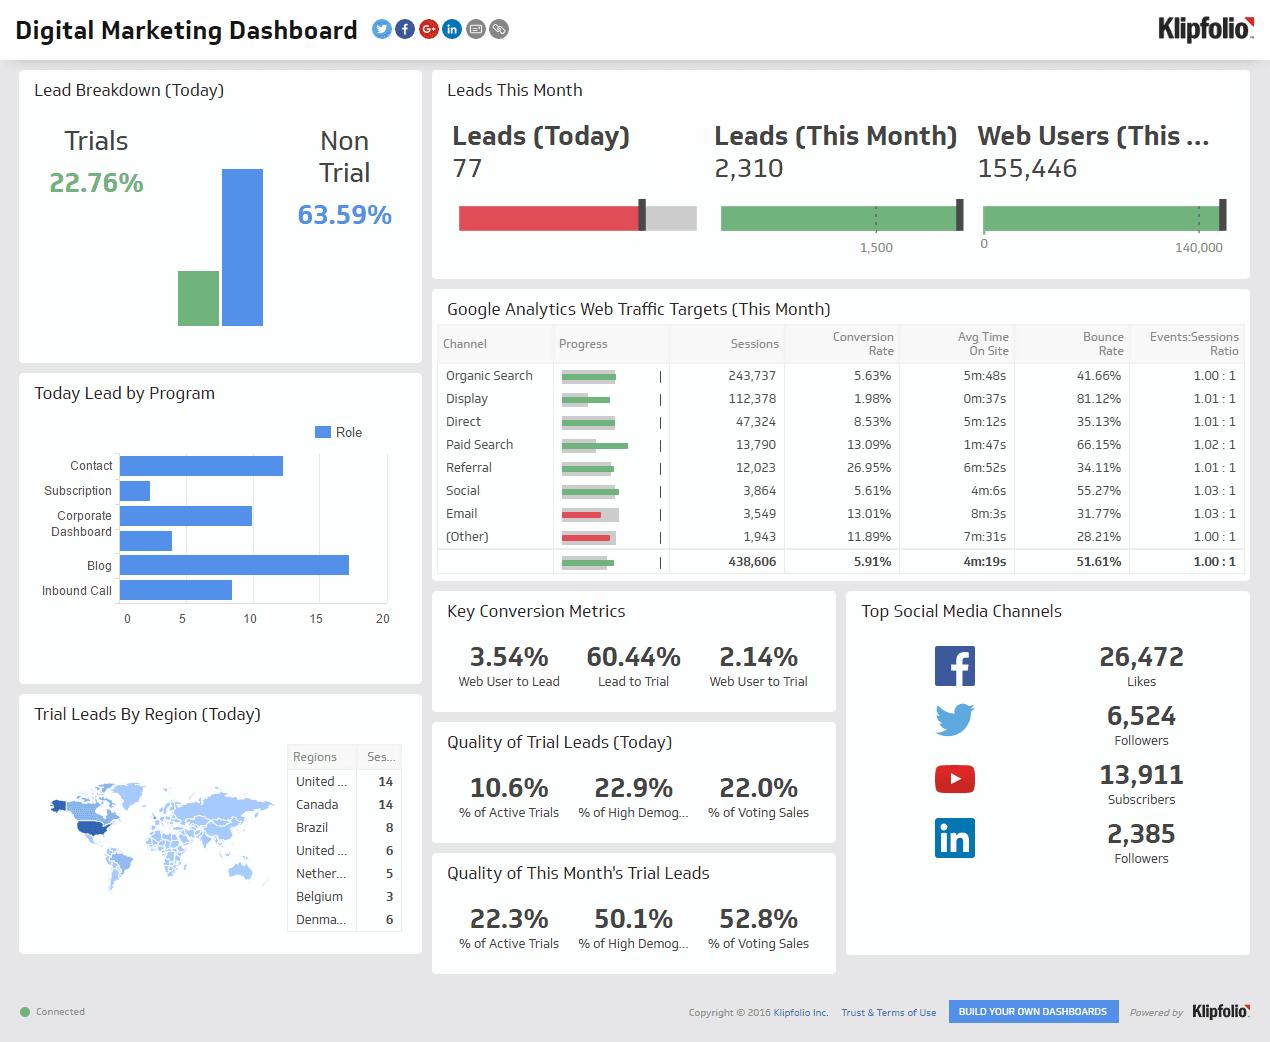 Digital Marketing Dashboard Screenshot